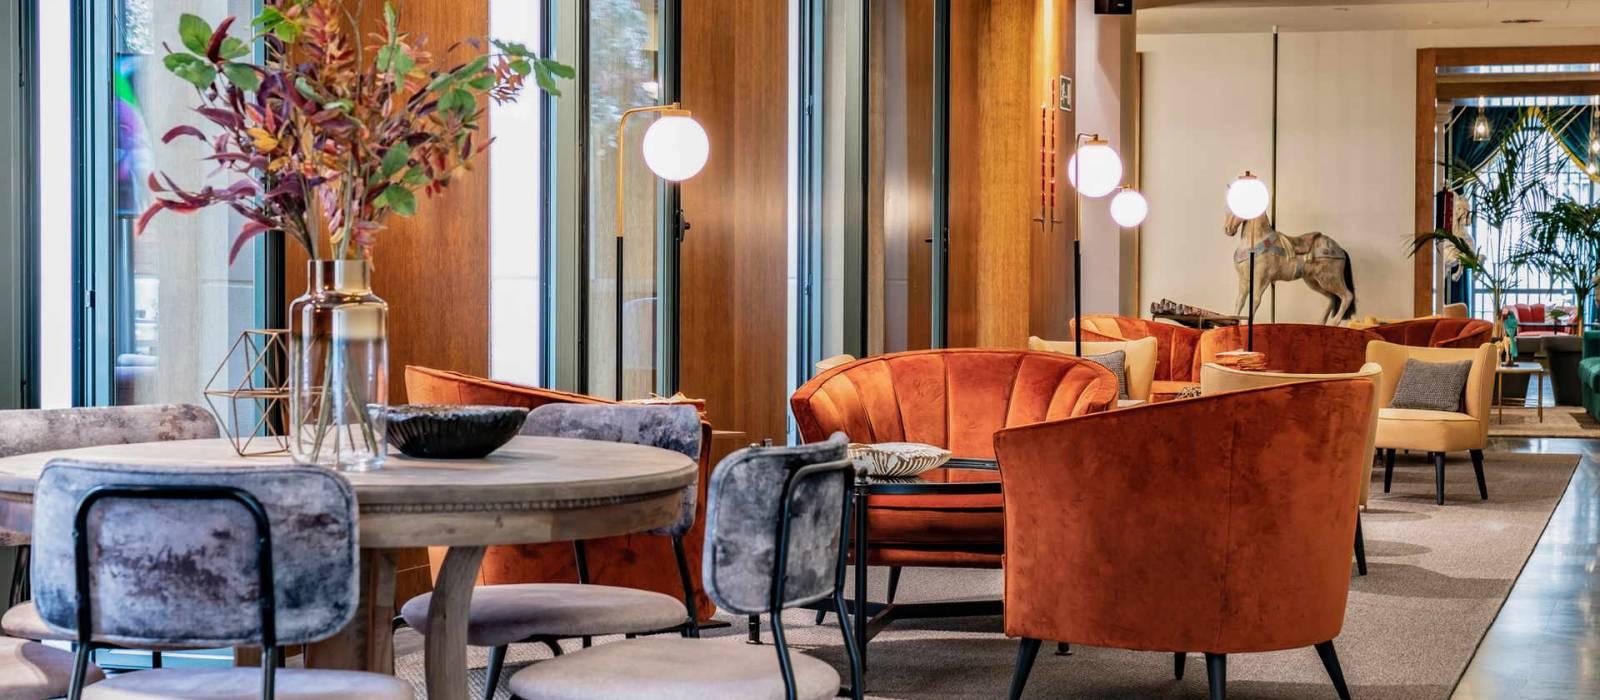 Offerte Soho Hotel Vincci Madrid - Prenota ora e risparmia! -10%